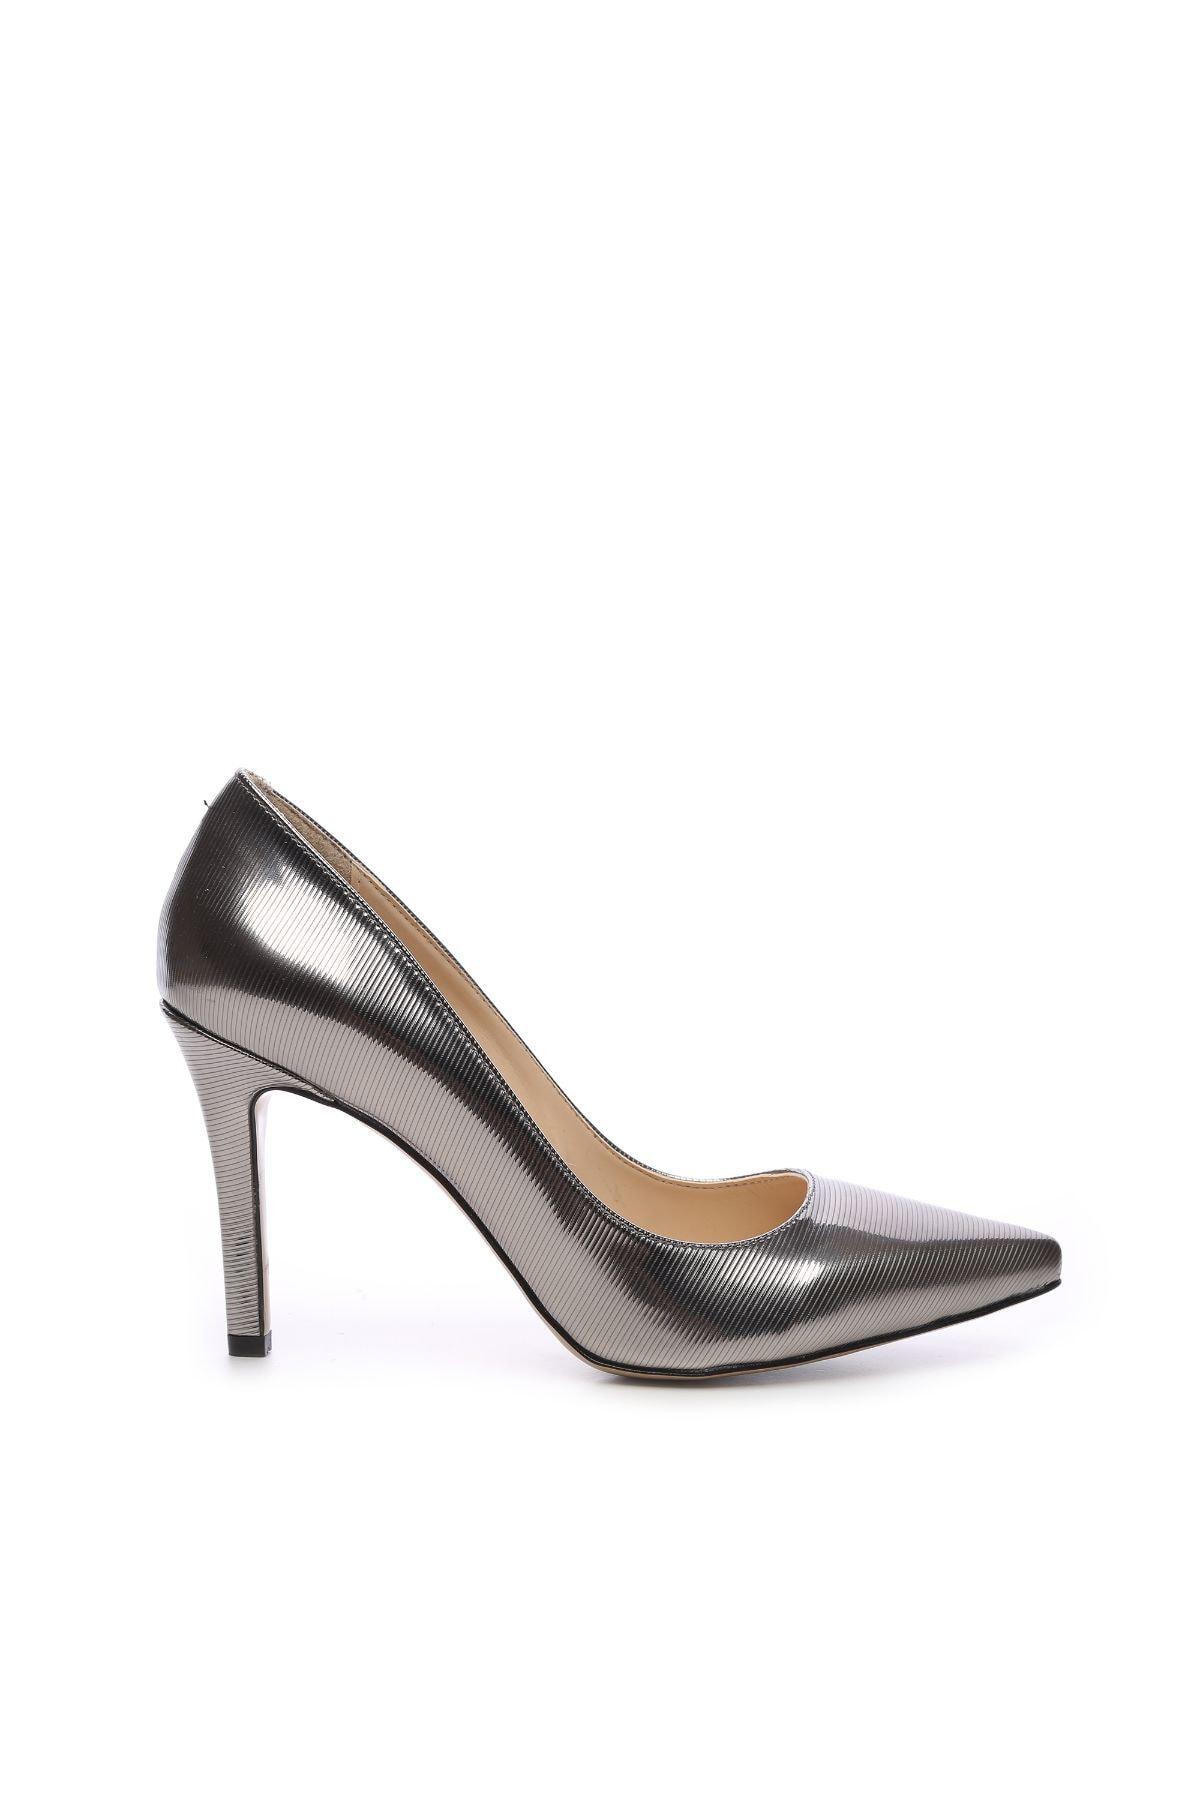 KEMAL TANCA Metalik Kadın Vegan Stiletto Ayakkabı 22 278 BN AYK 1